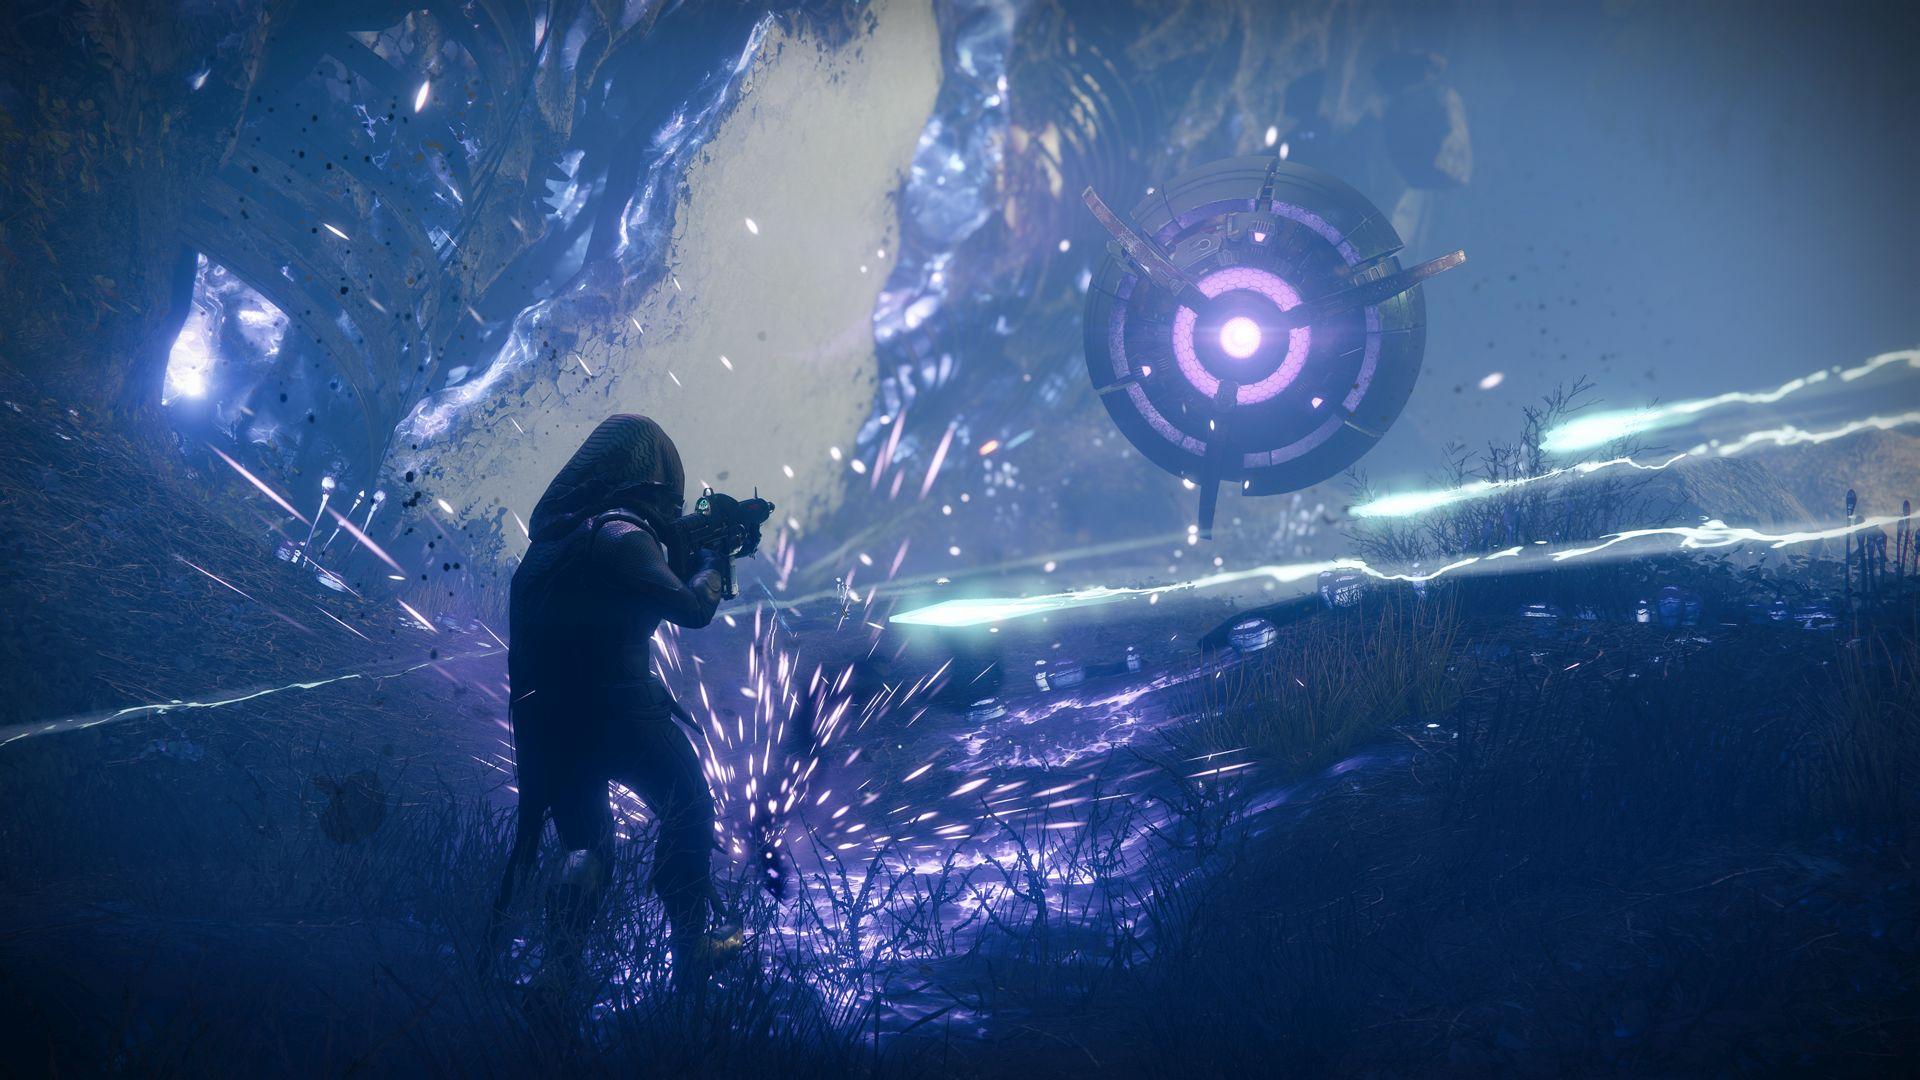 Destiny 2 e ban delle armi, è la cosa giusta da fare? | GamesVillage it